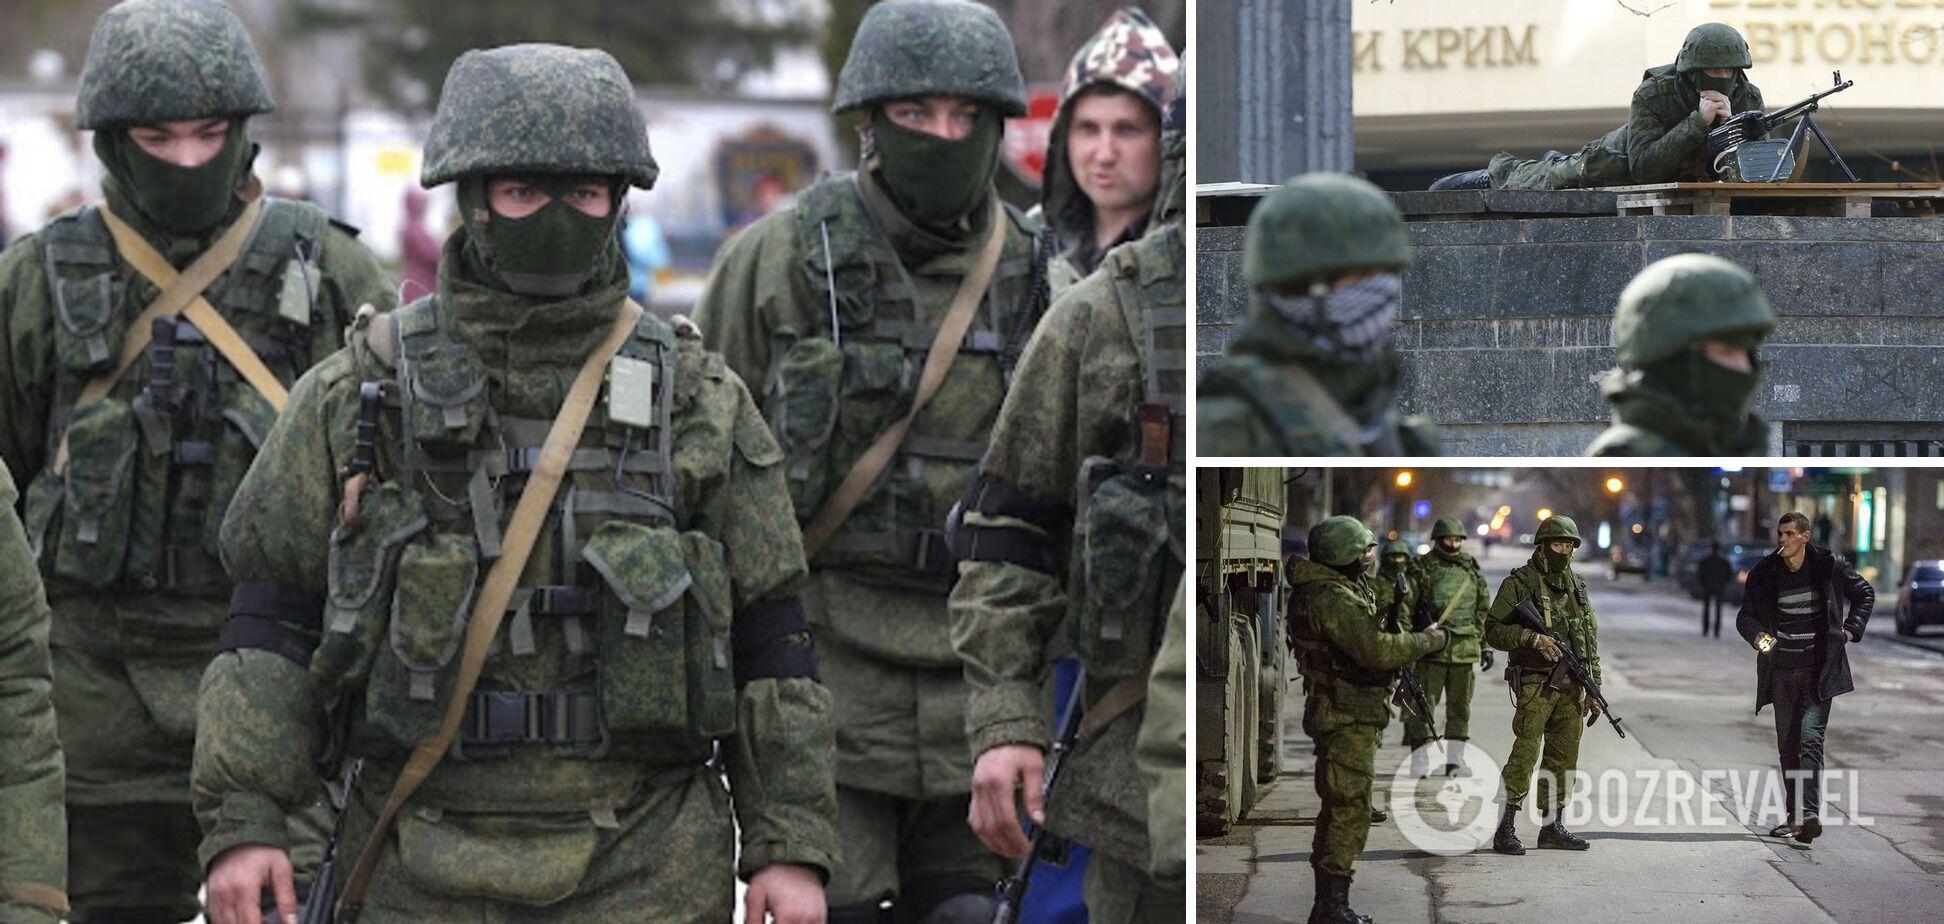 Новости Крымнаша. 'Вежливые люди' были без опознавательных знаков, как типичные террористы